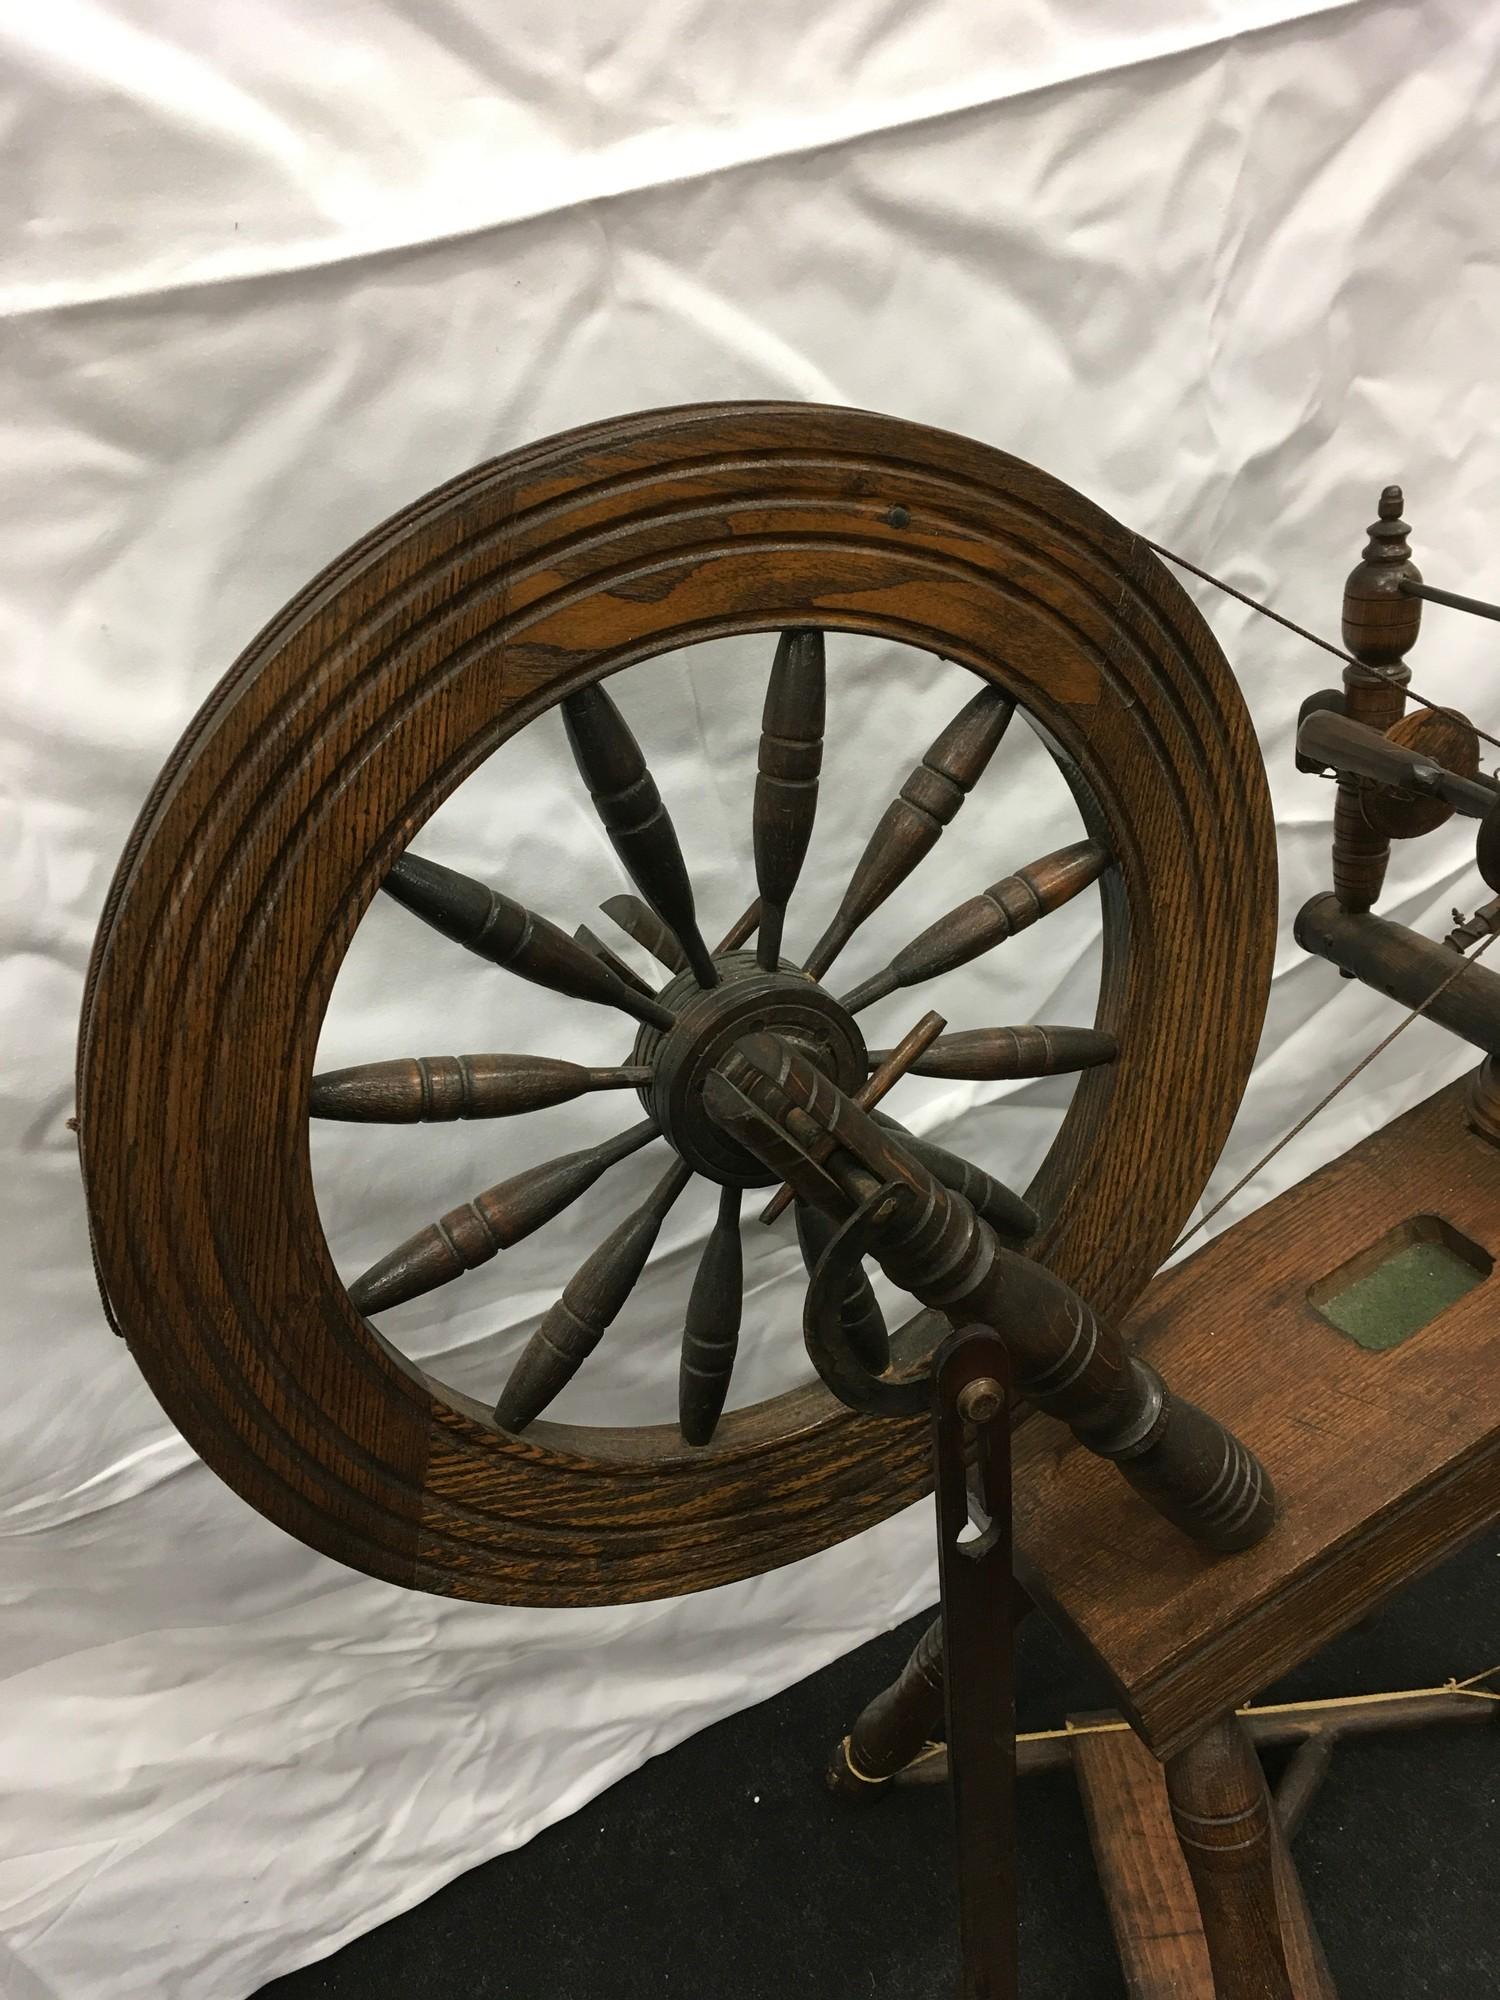 Wool spinning wheel working - Image 3 of 6